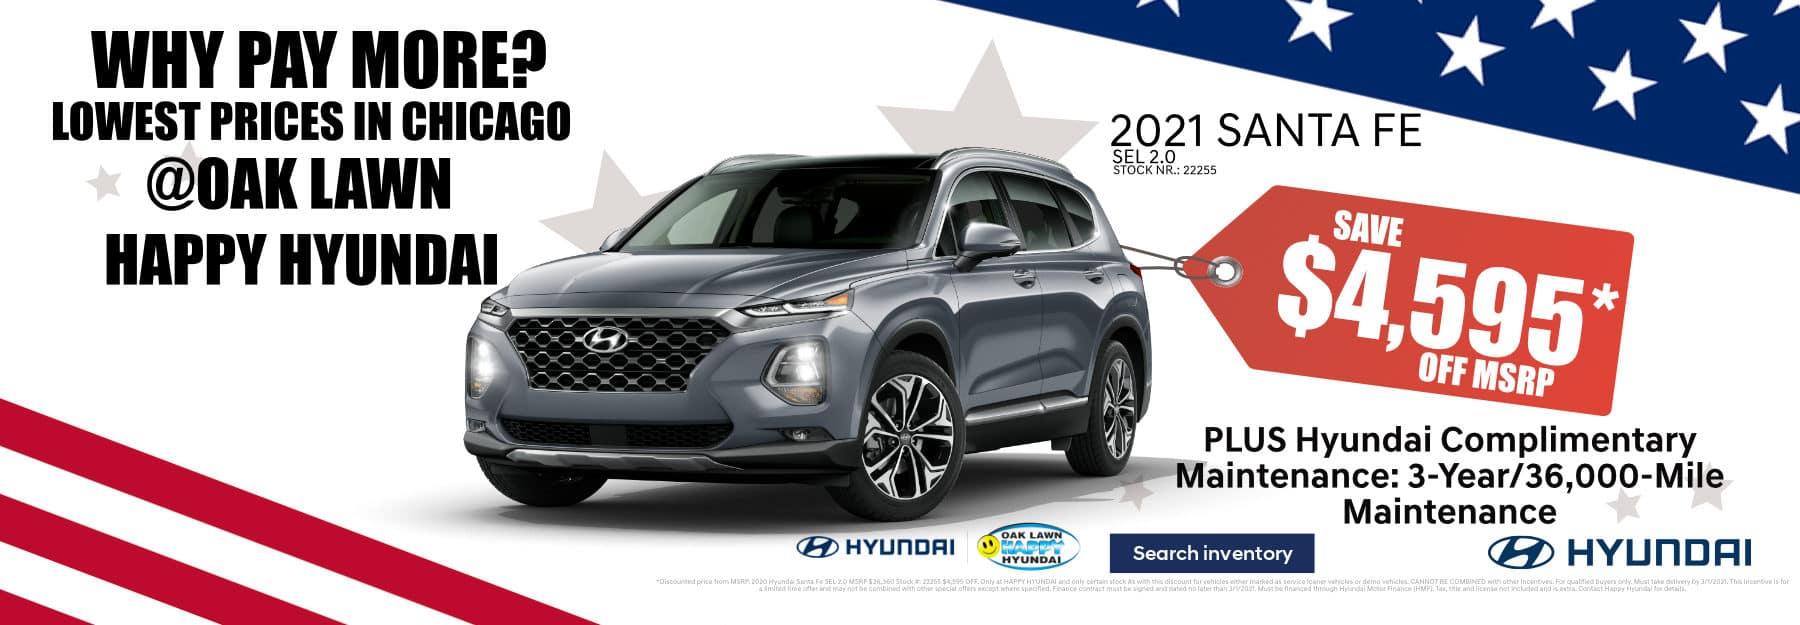 R_Februaray_2021_Happy_Hyundai_Santa Fe_Single